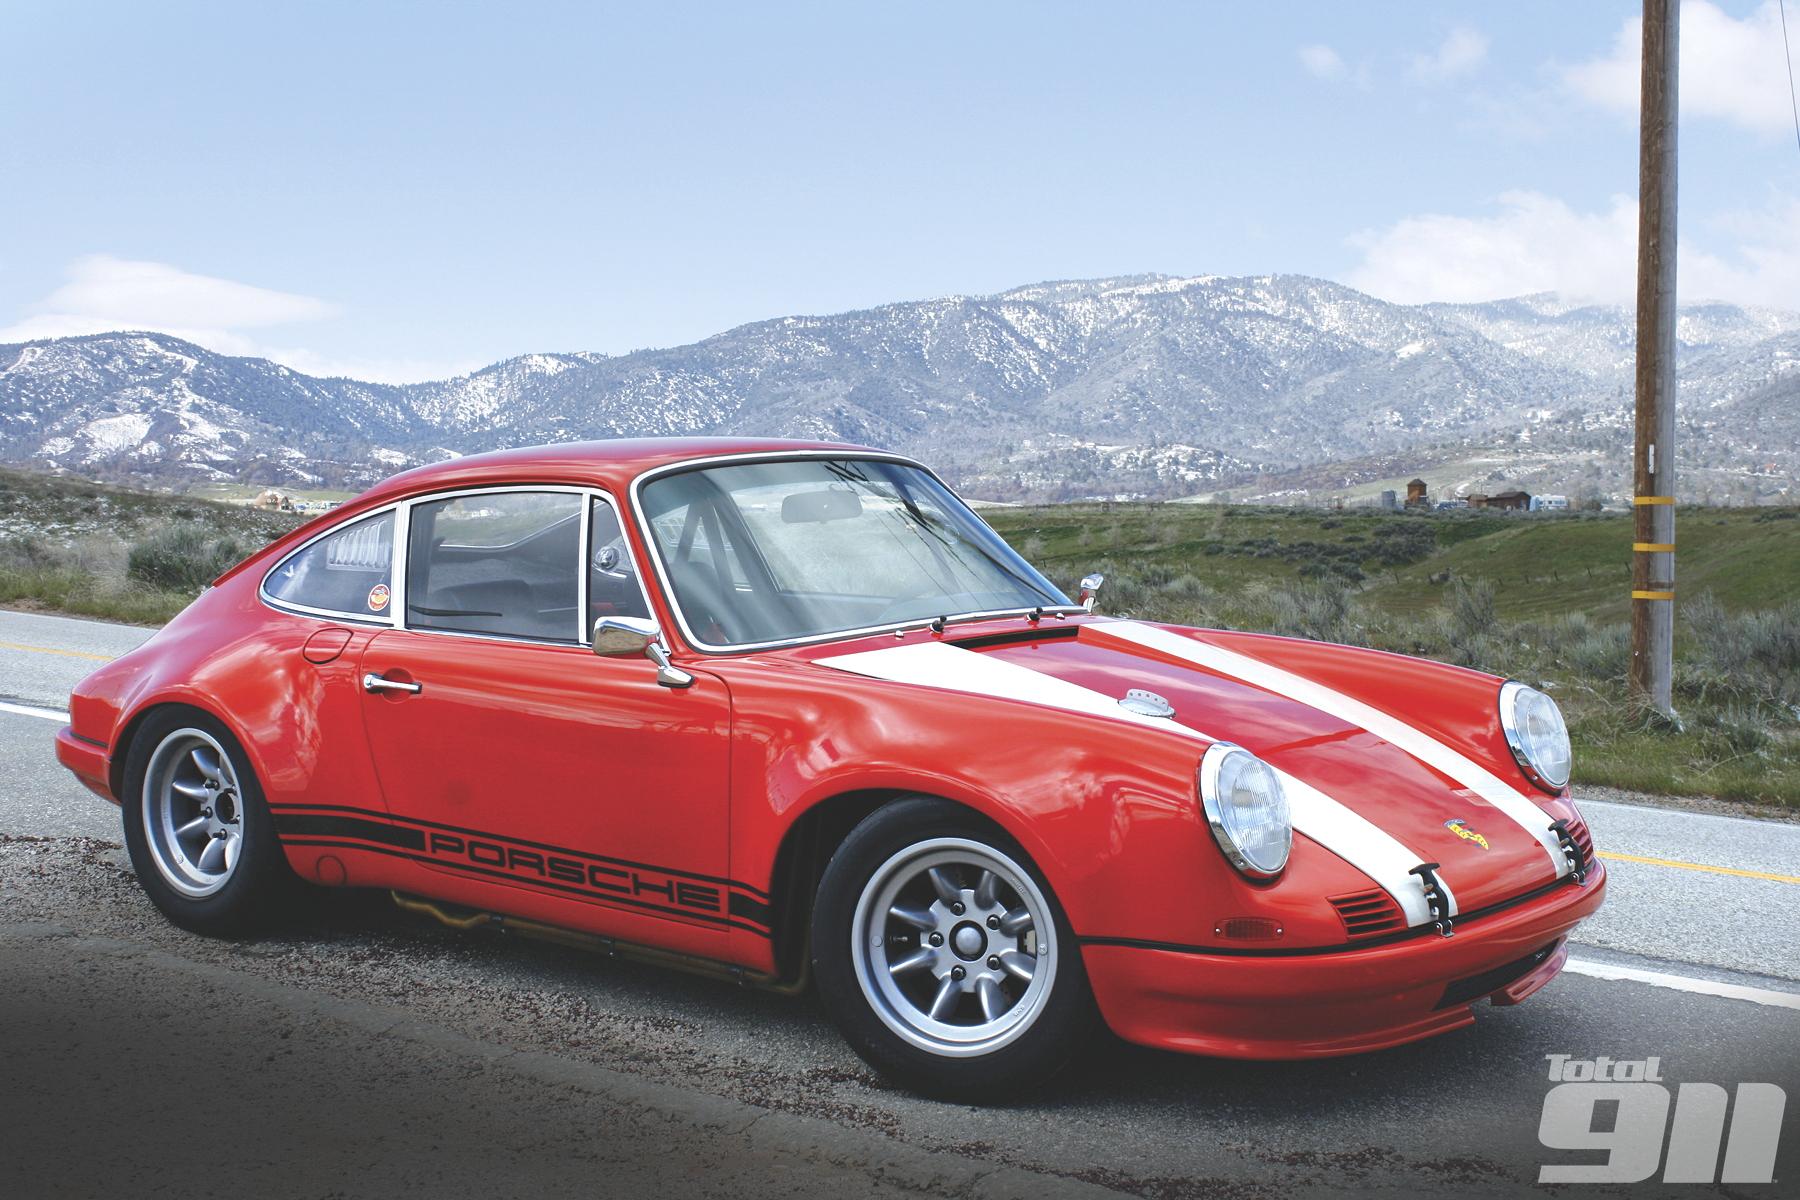 Total 911 S Top Six Favourite Magnus Walker Porsche 911s